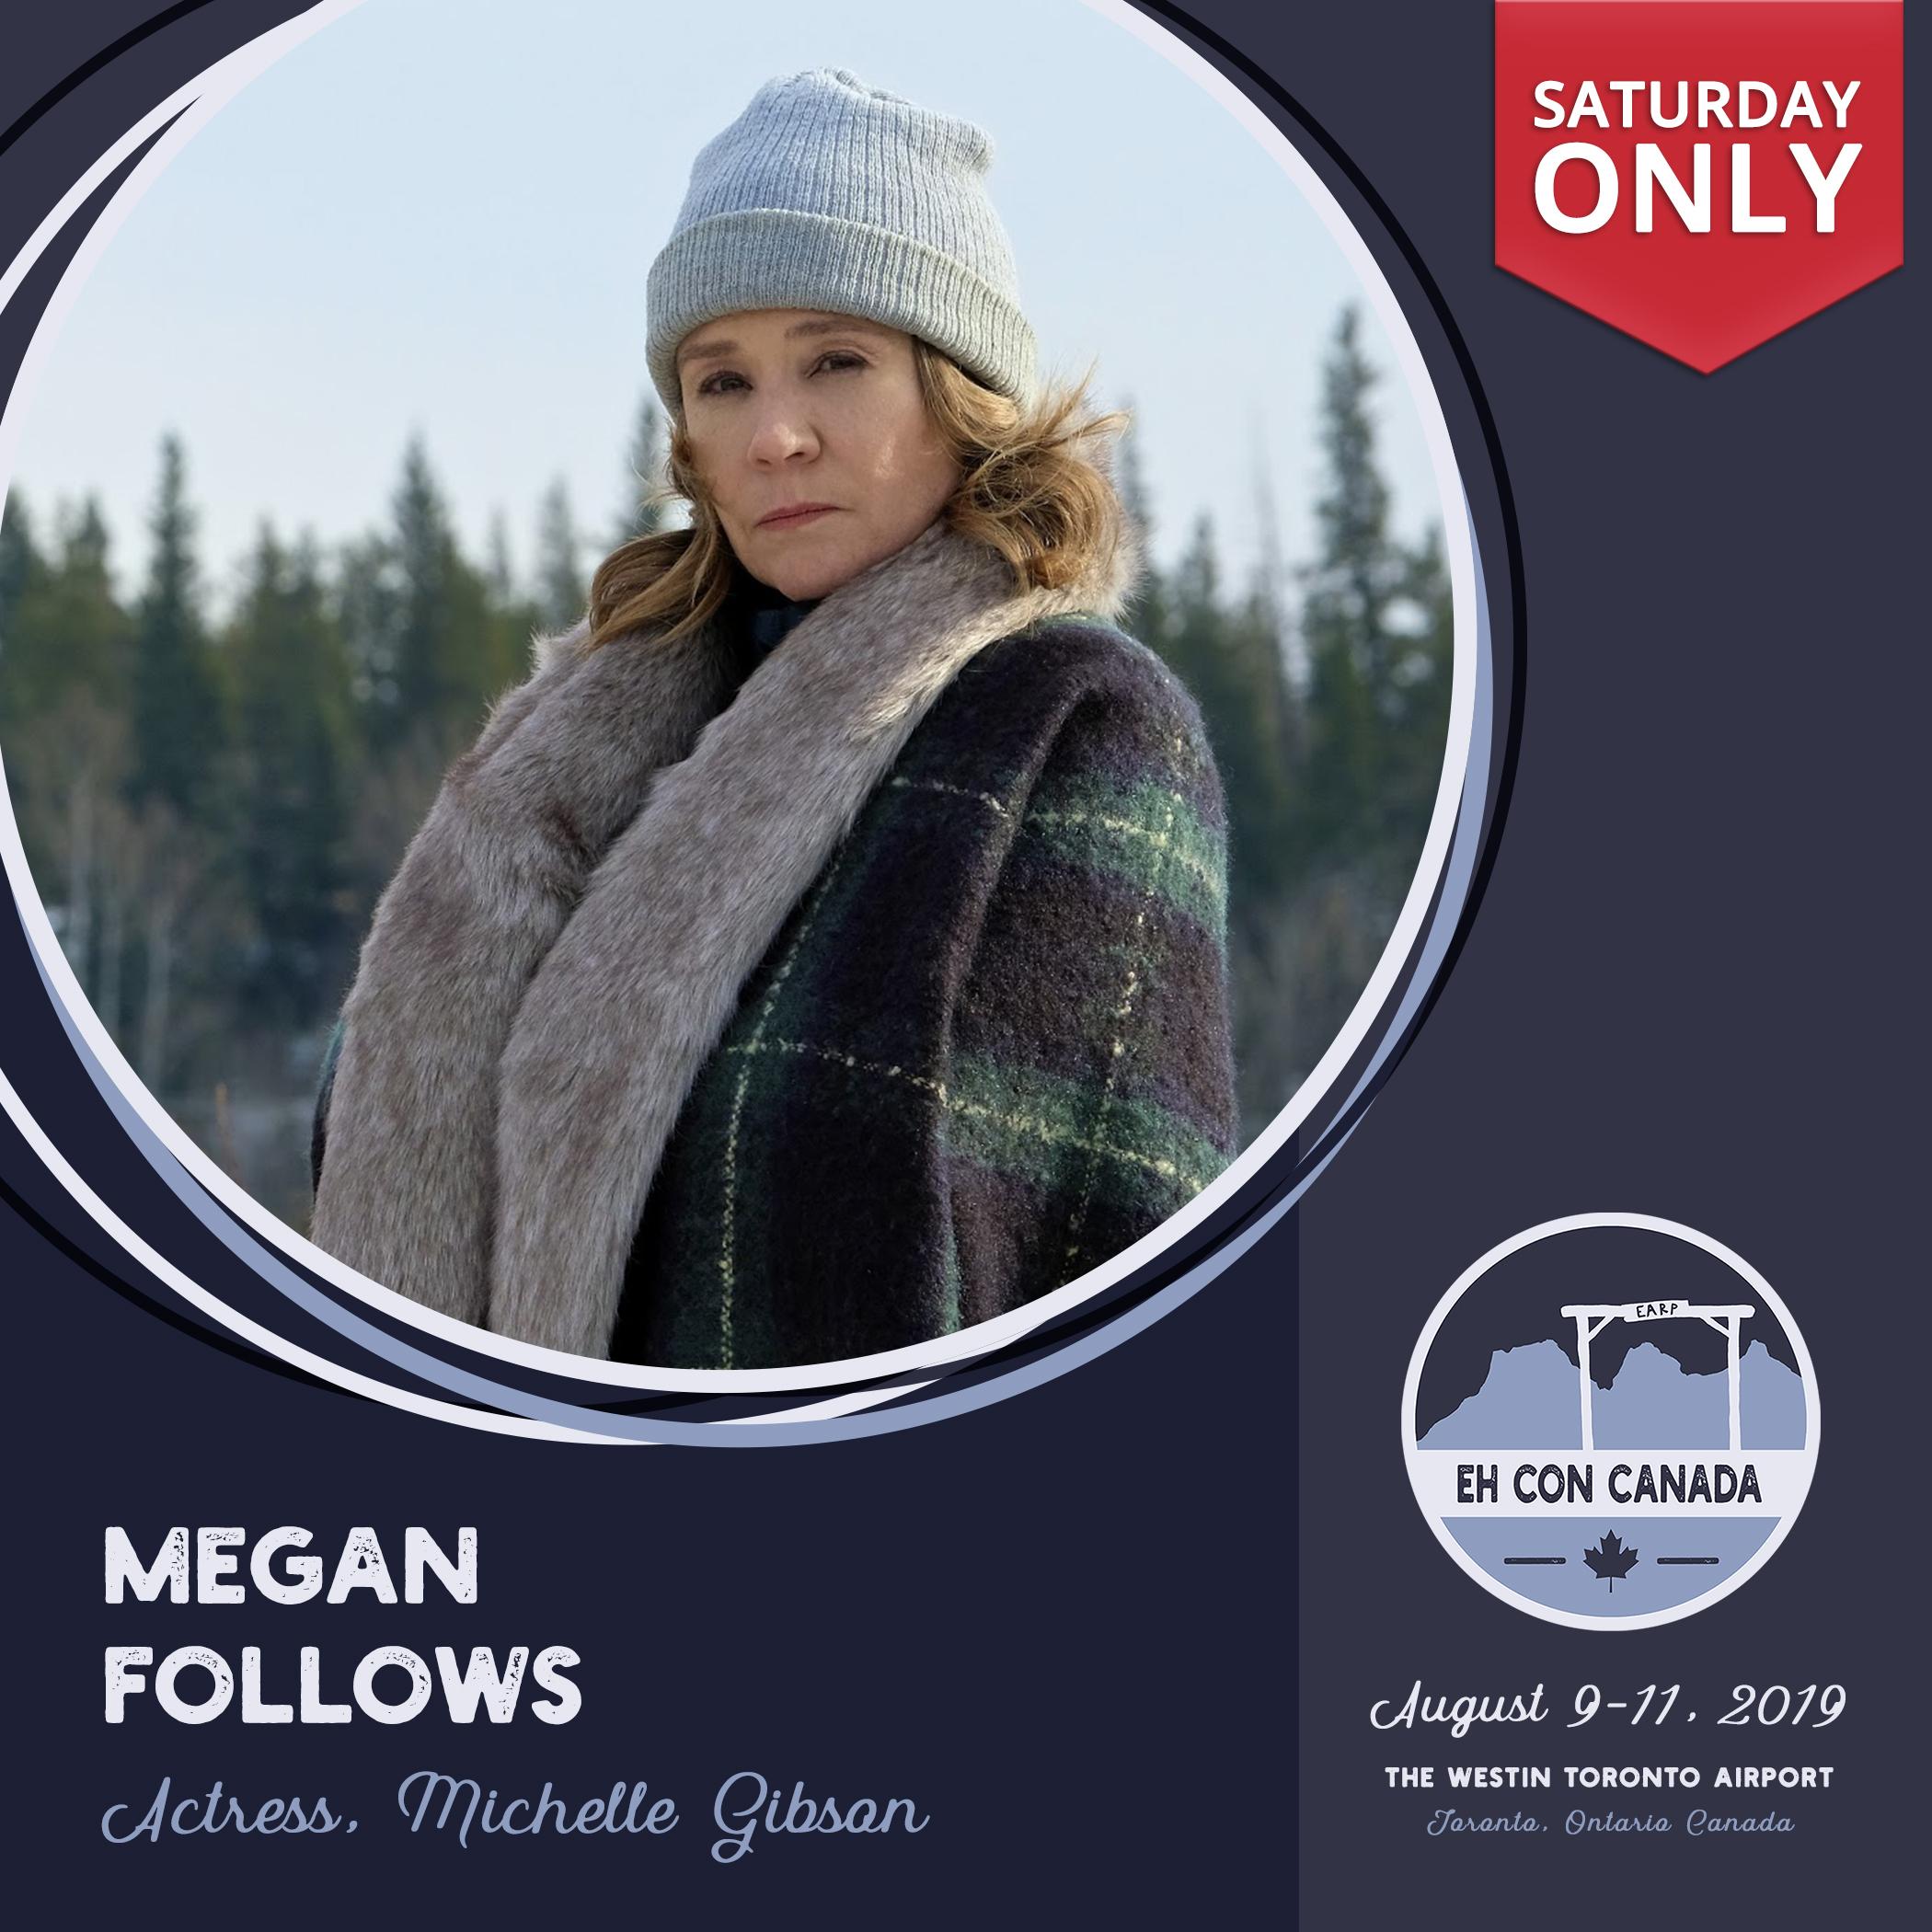 Megan's Bio